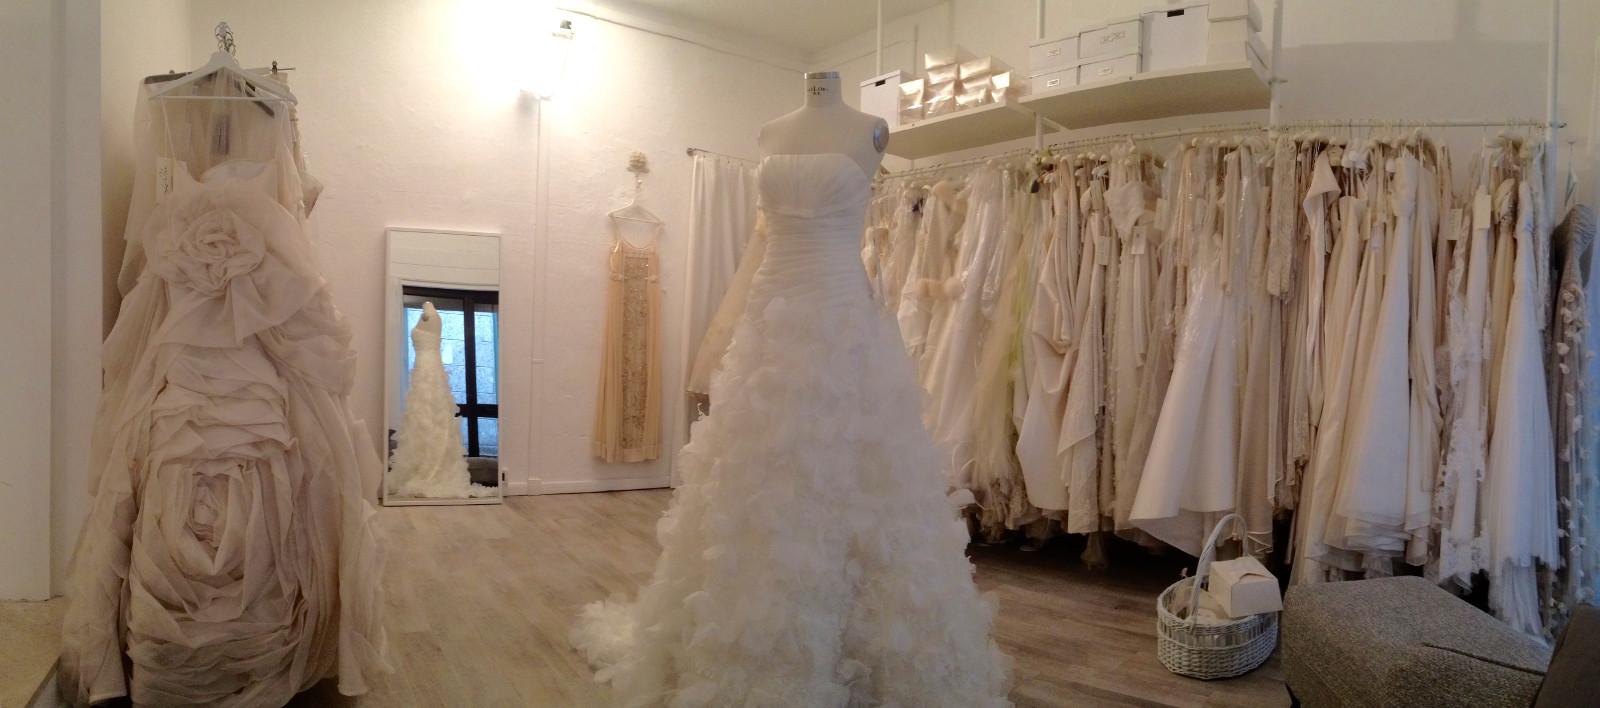 Atelier Vestiti Da Sposa.Noleggio Vendita Abiti Da Sposa Sposo Cerimonia Sera La Cler